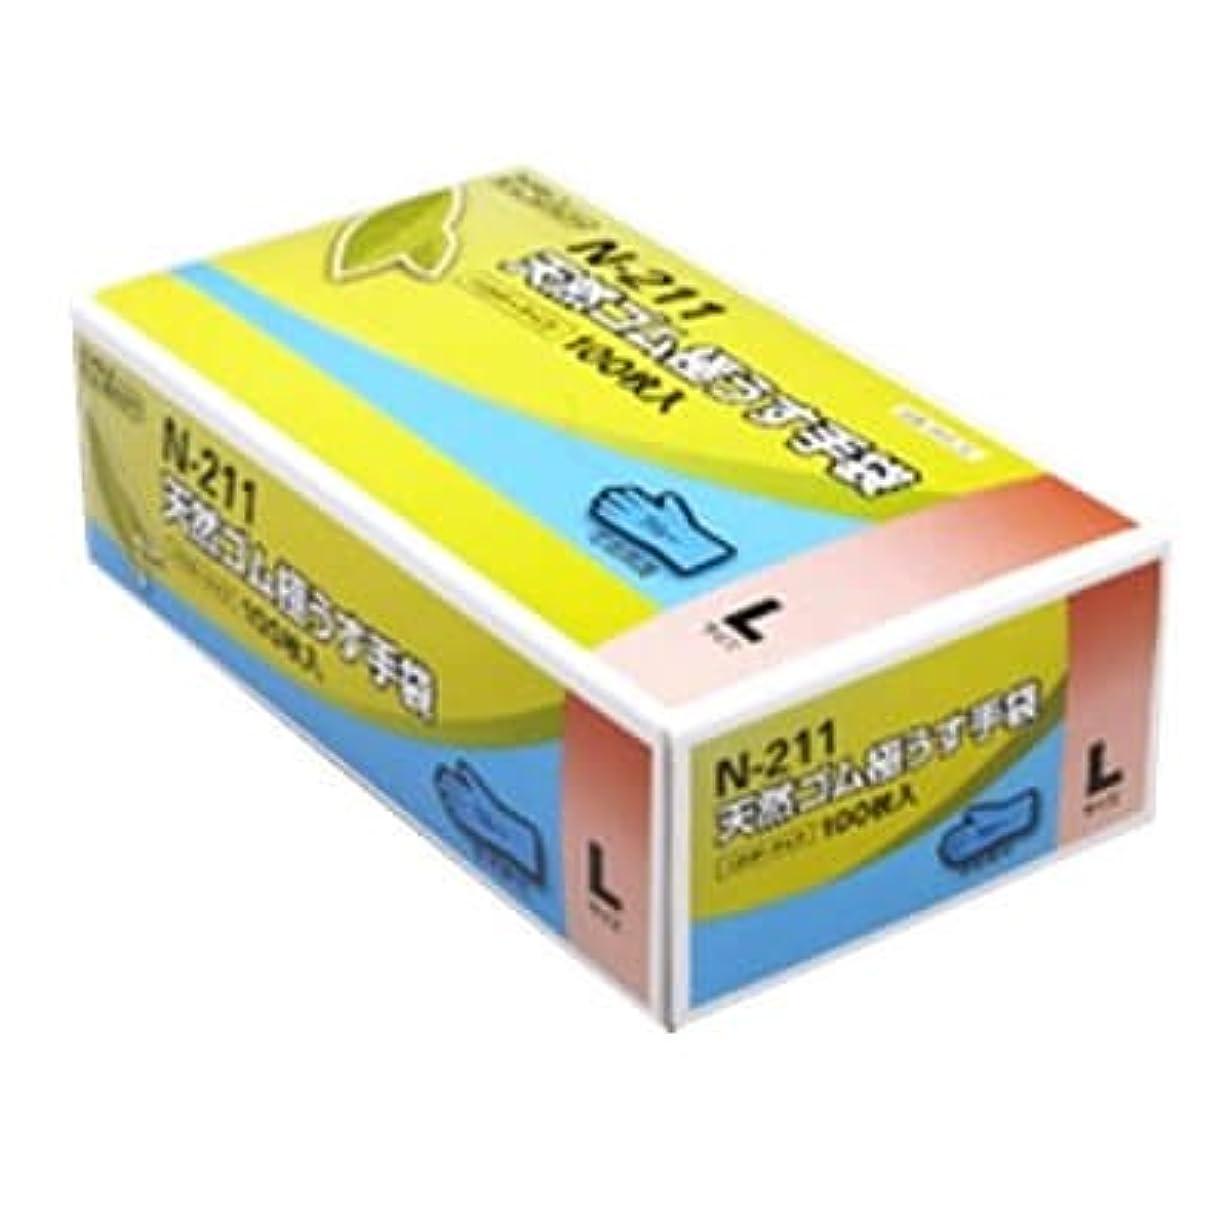 フィードオン共和党所持【ケース販売】 ダンロップ 天然ゴム極うす手袋 N-211 L ブルー (100枚入×20箱)